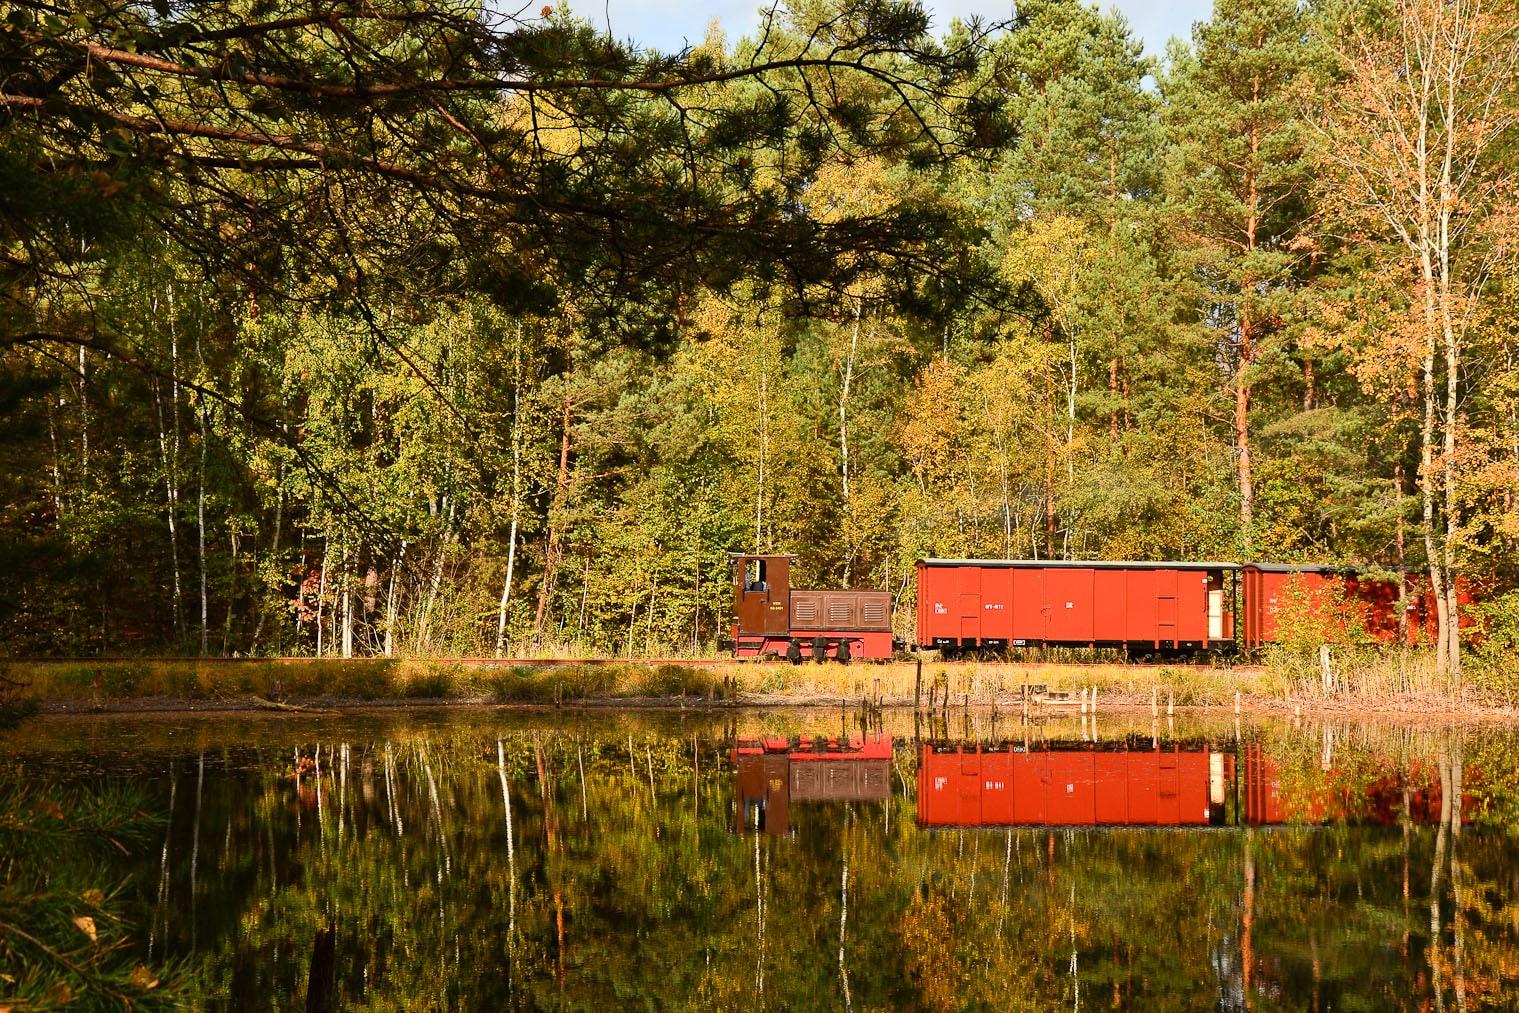 ©Foto: Steffen Mann | railmen | Sonderfahrt durch den Tagebau Nochten – Geopark Muskauer Faltenbogen